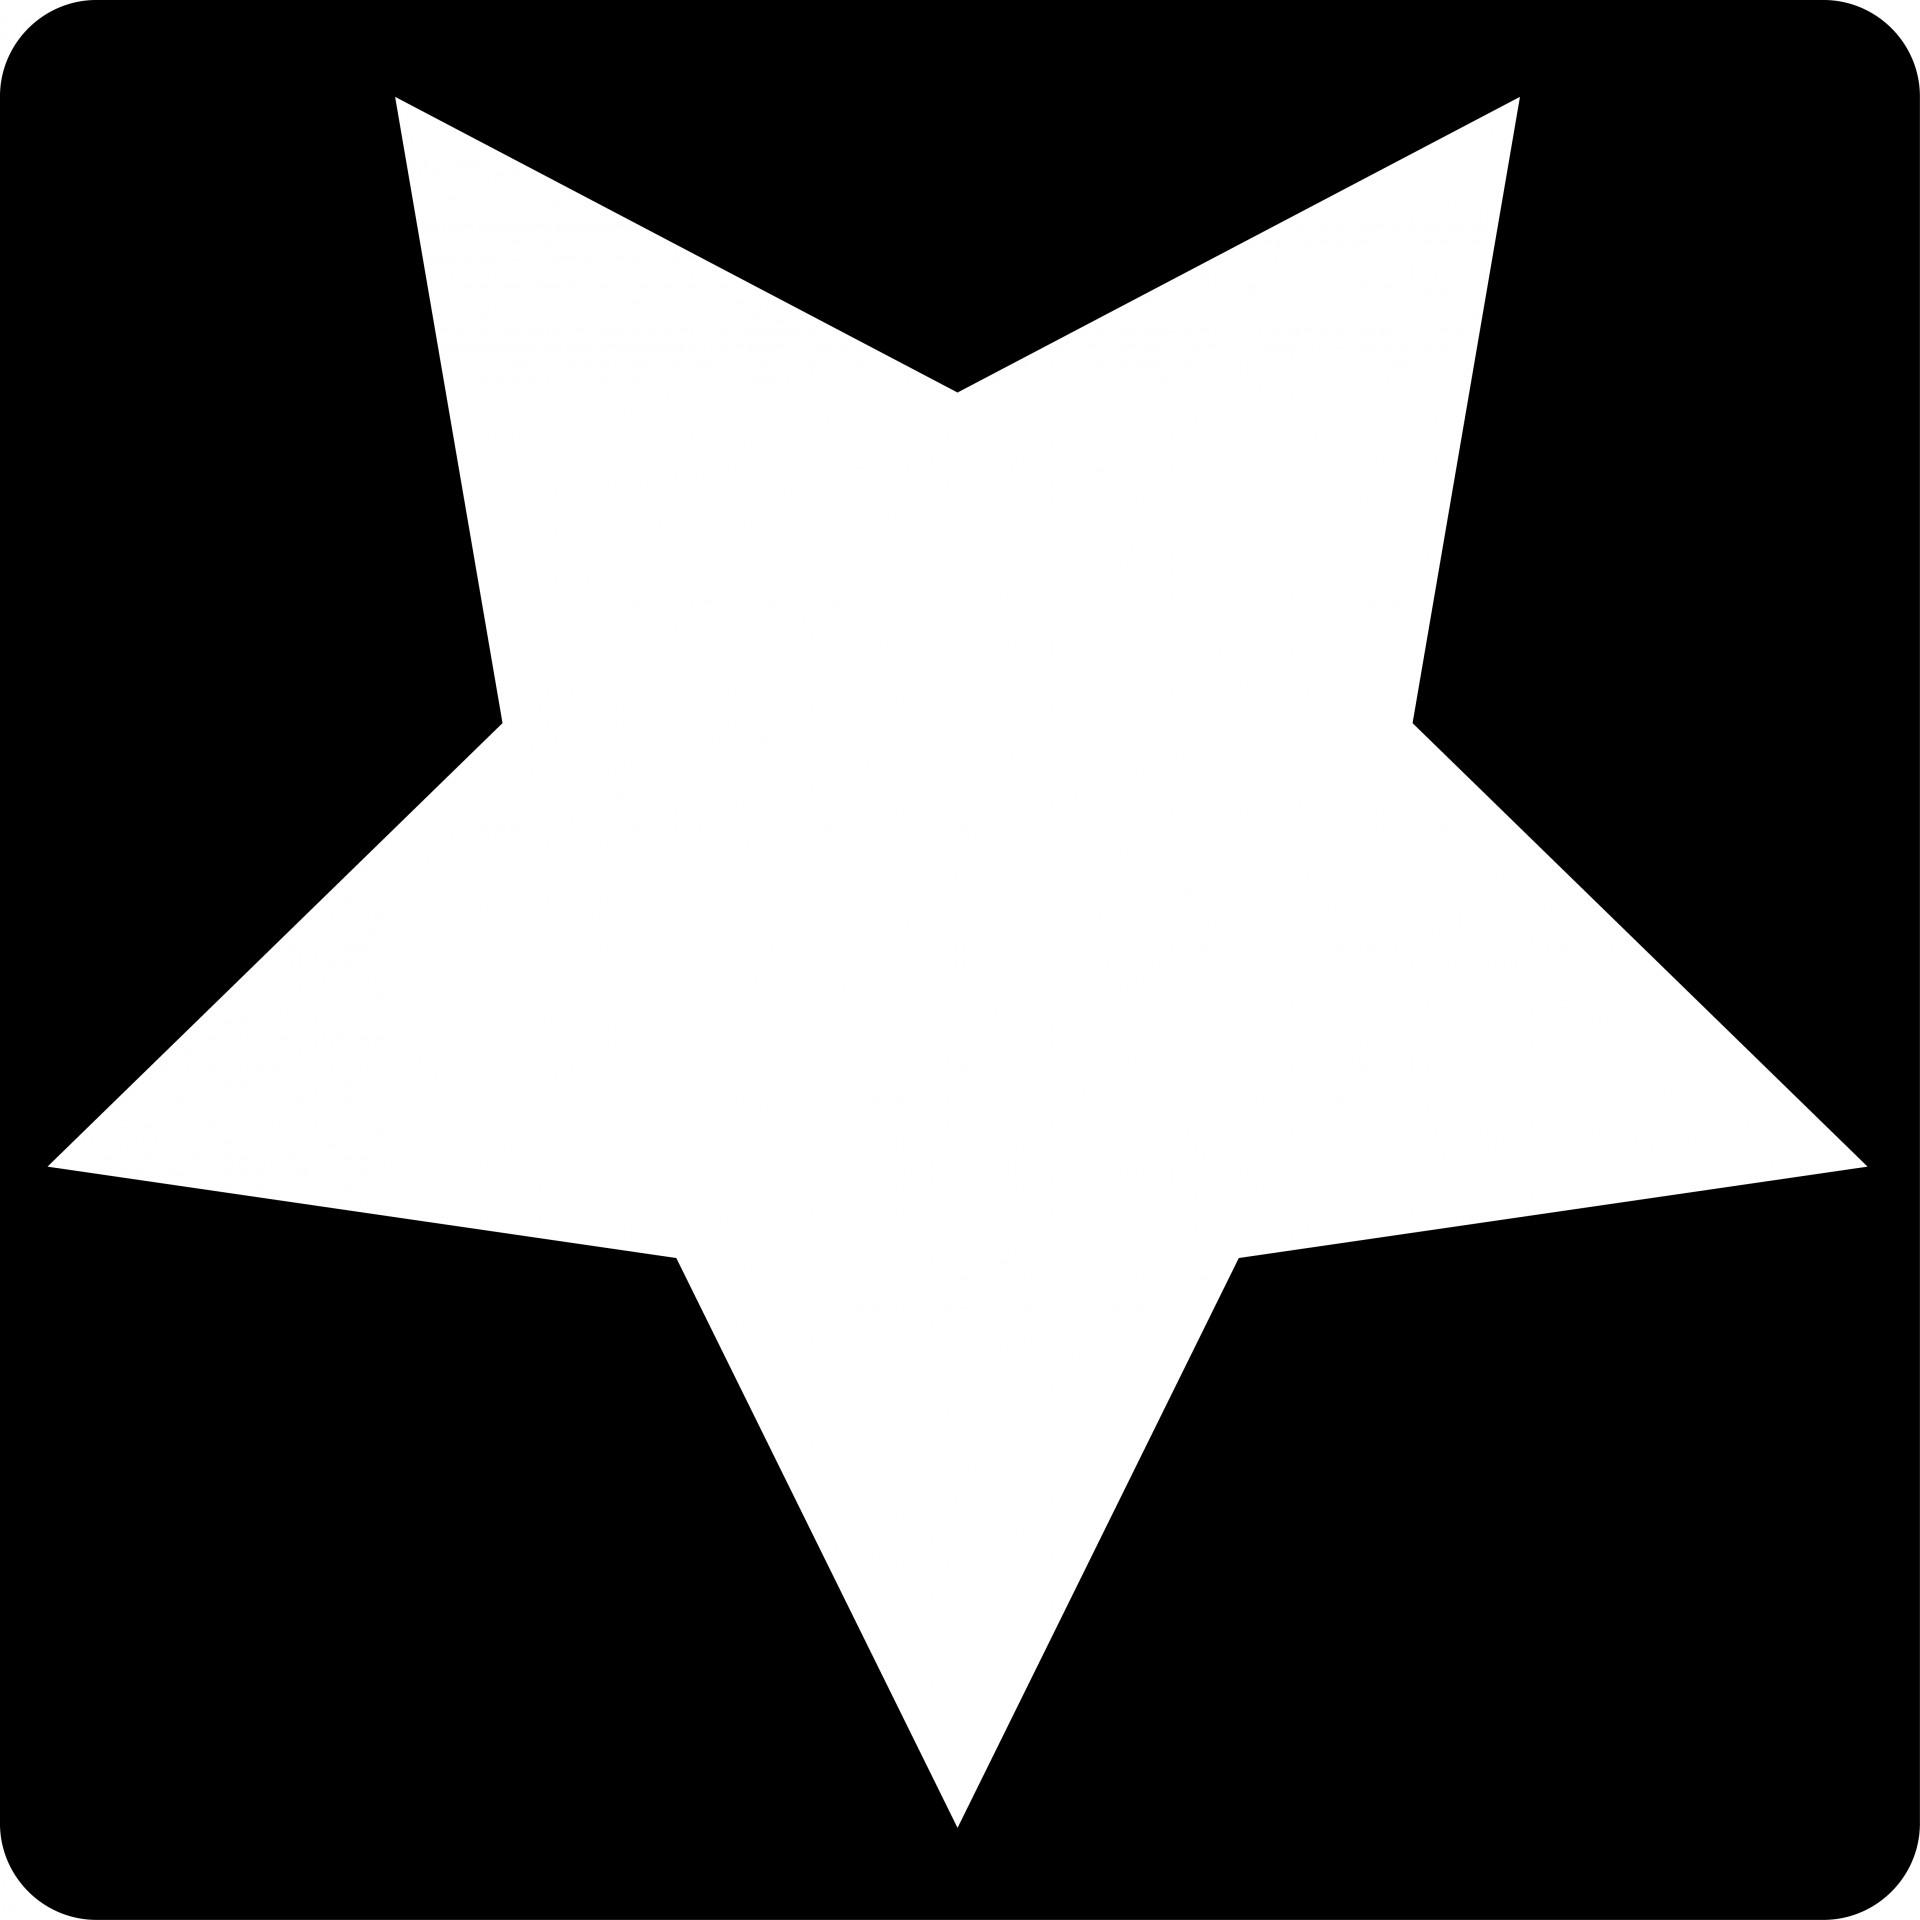 1920x1920 Stars Clip Art